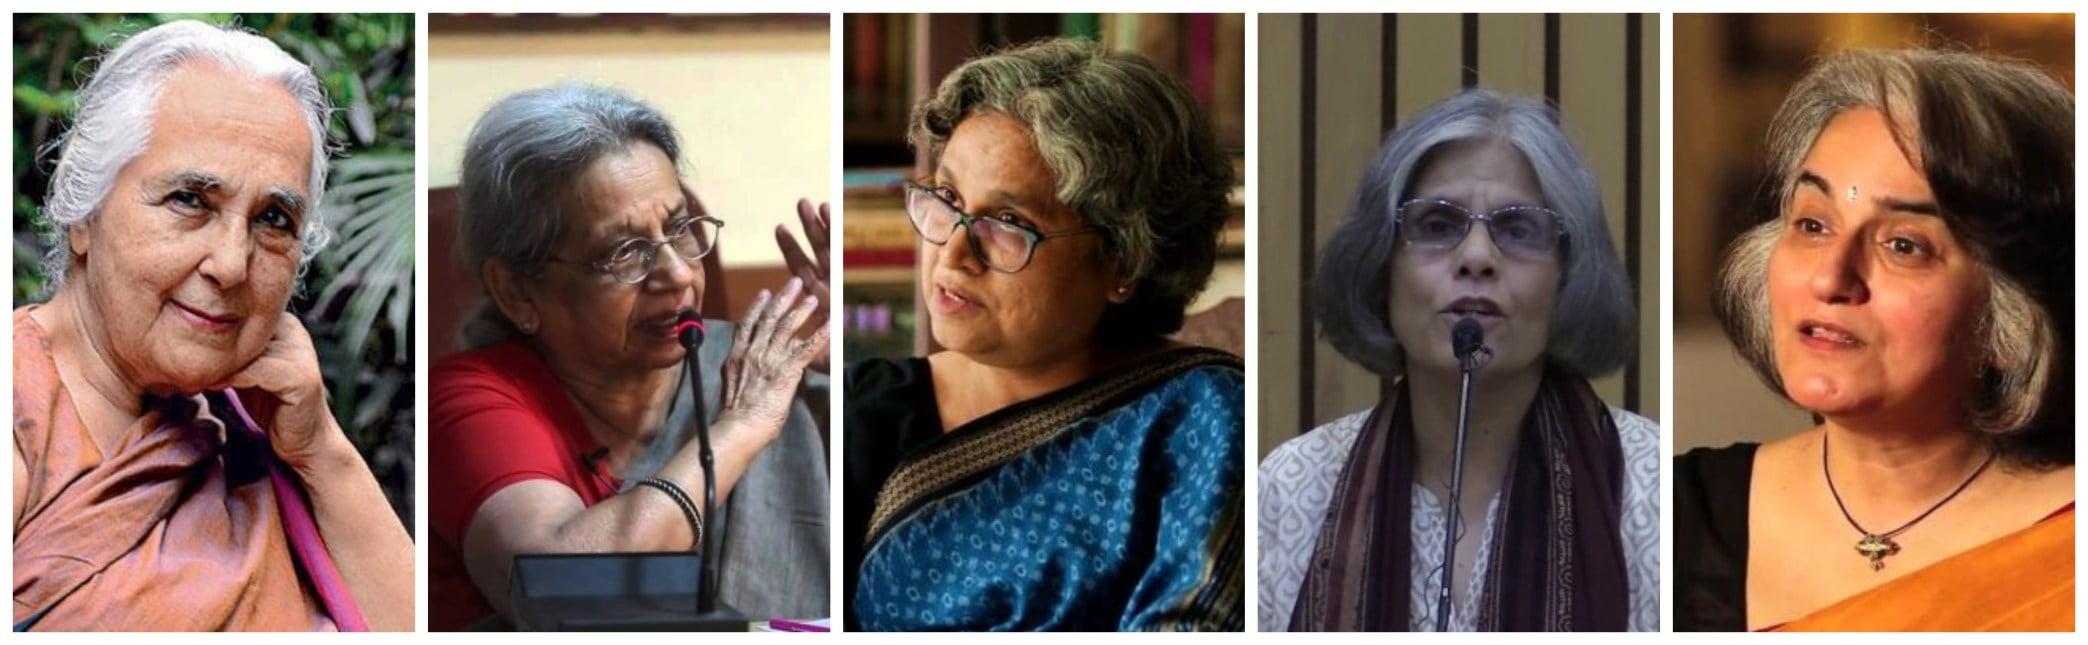 पांच भारतीय महिला इतिहासकार जिनके बारे में हमें जानना चाहिए